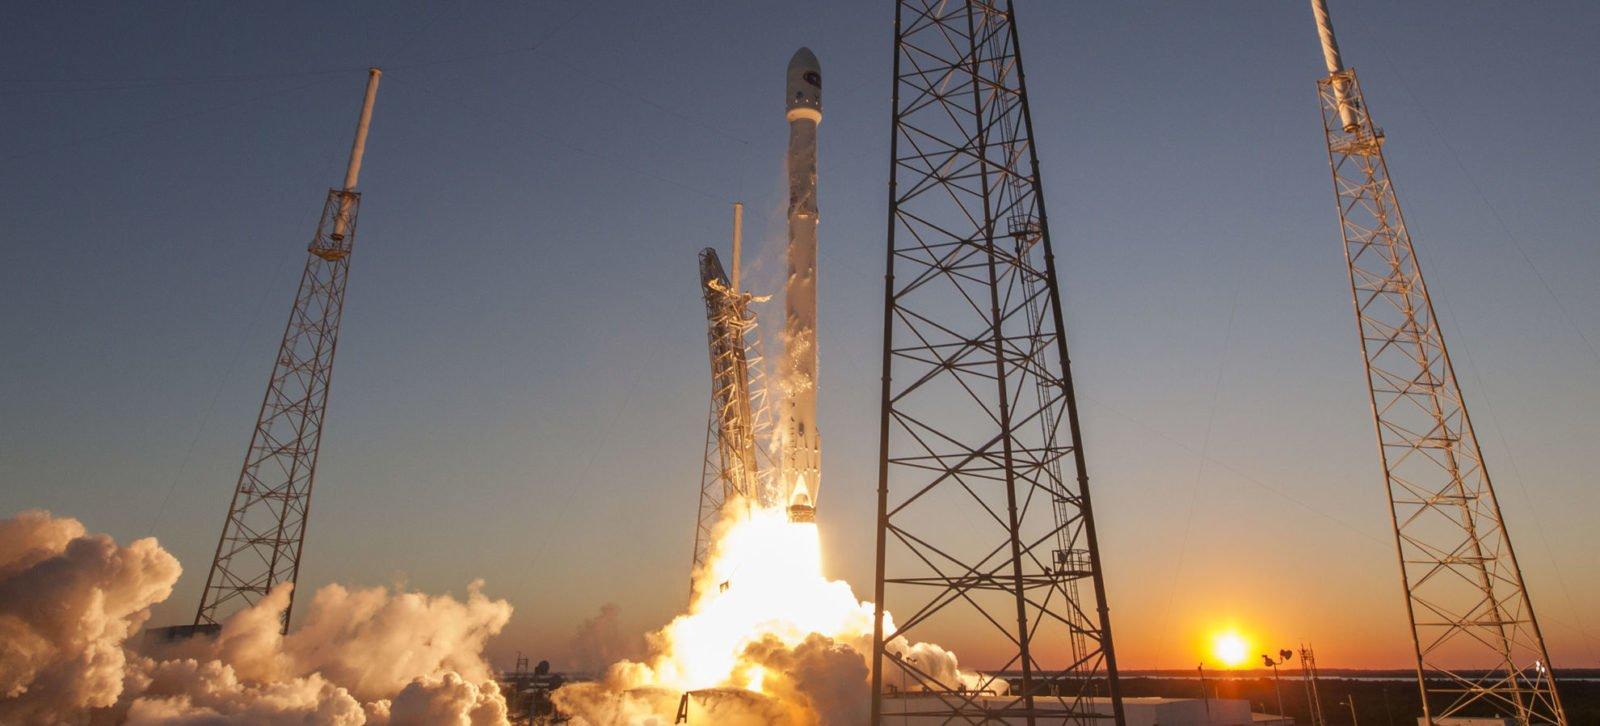 dscovr launch sunset e1487711337947